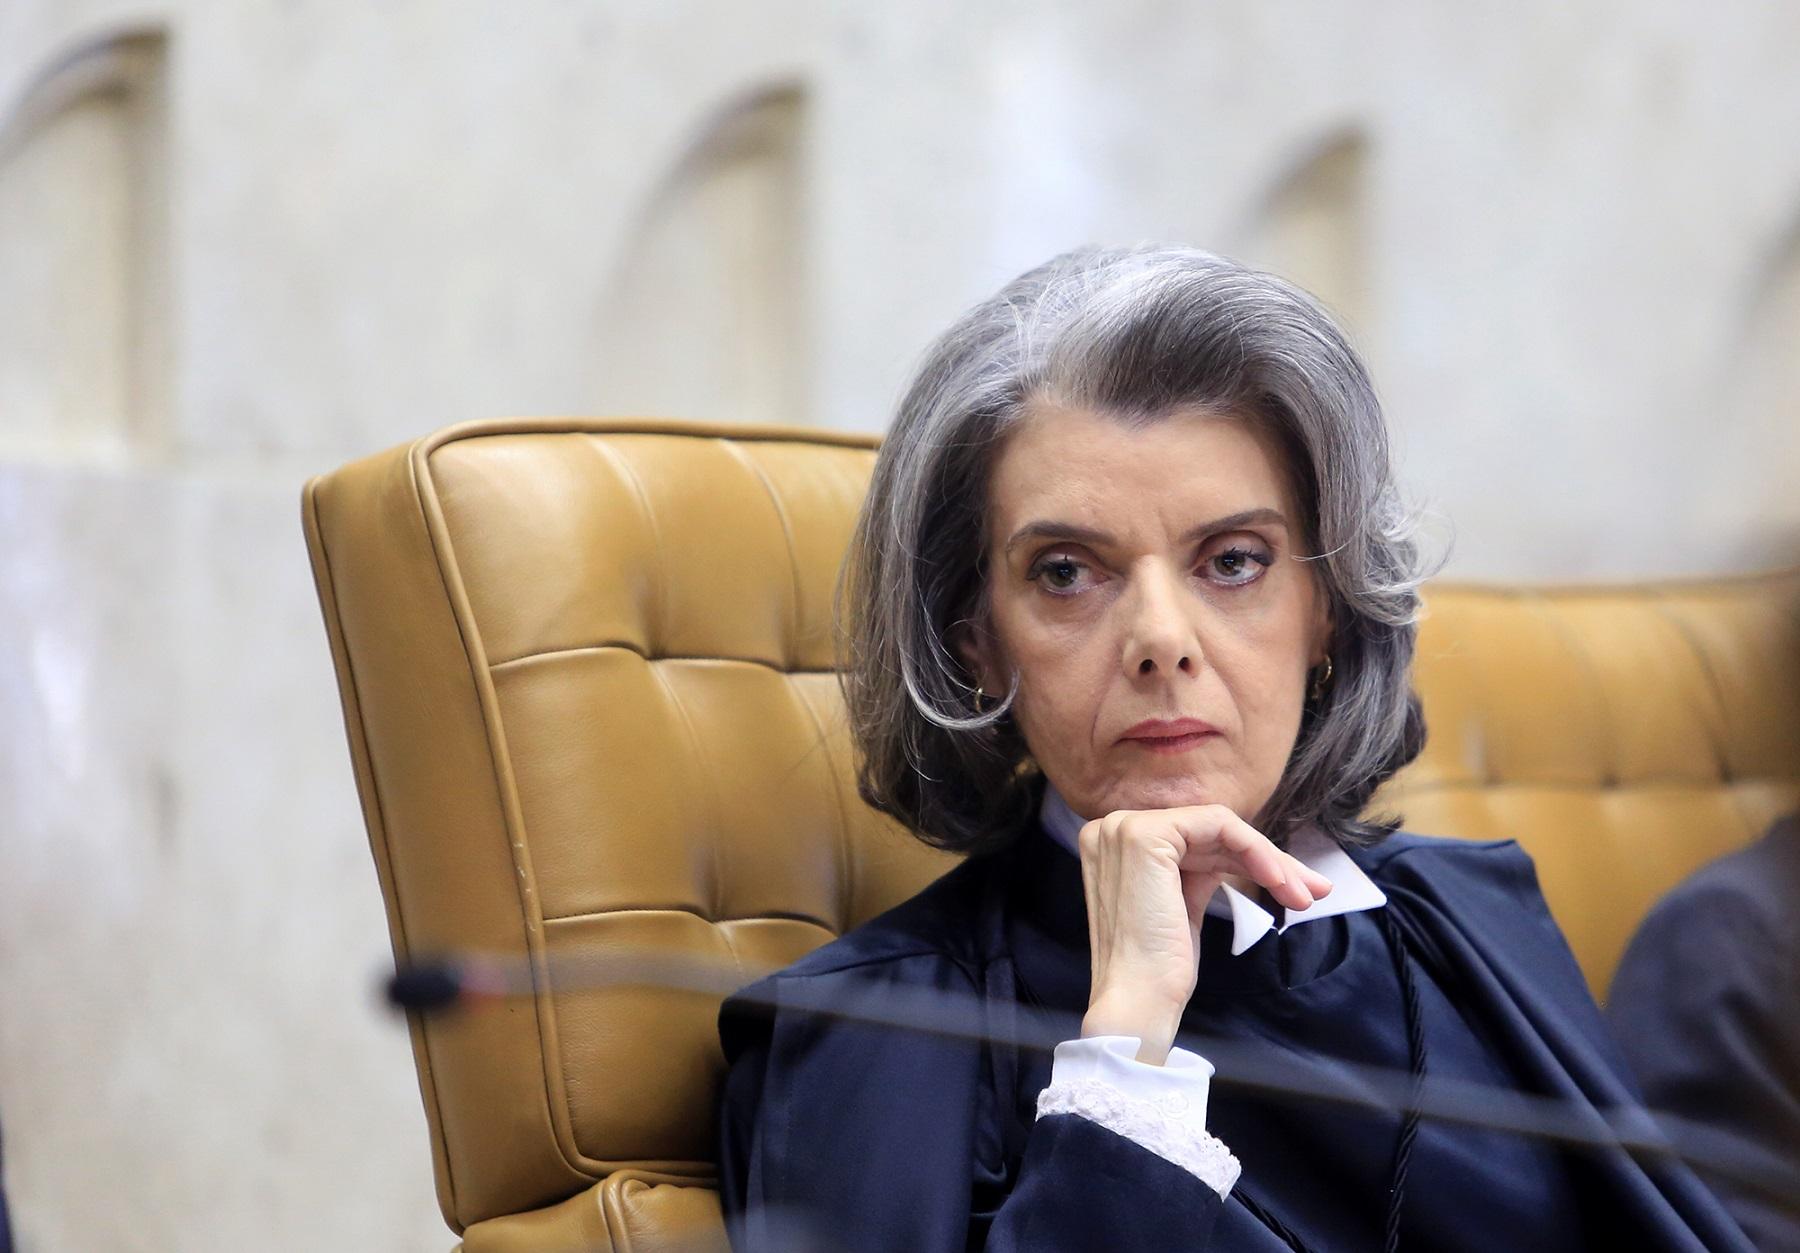 Ministra Carmem Lúcia durante a cerimônia de posse como Presidente do STF. Foto Divulgação